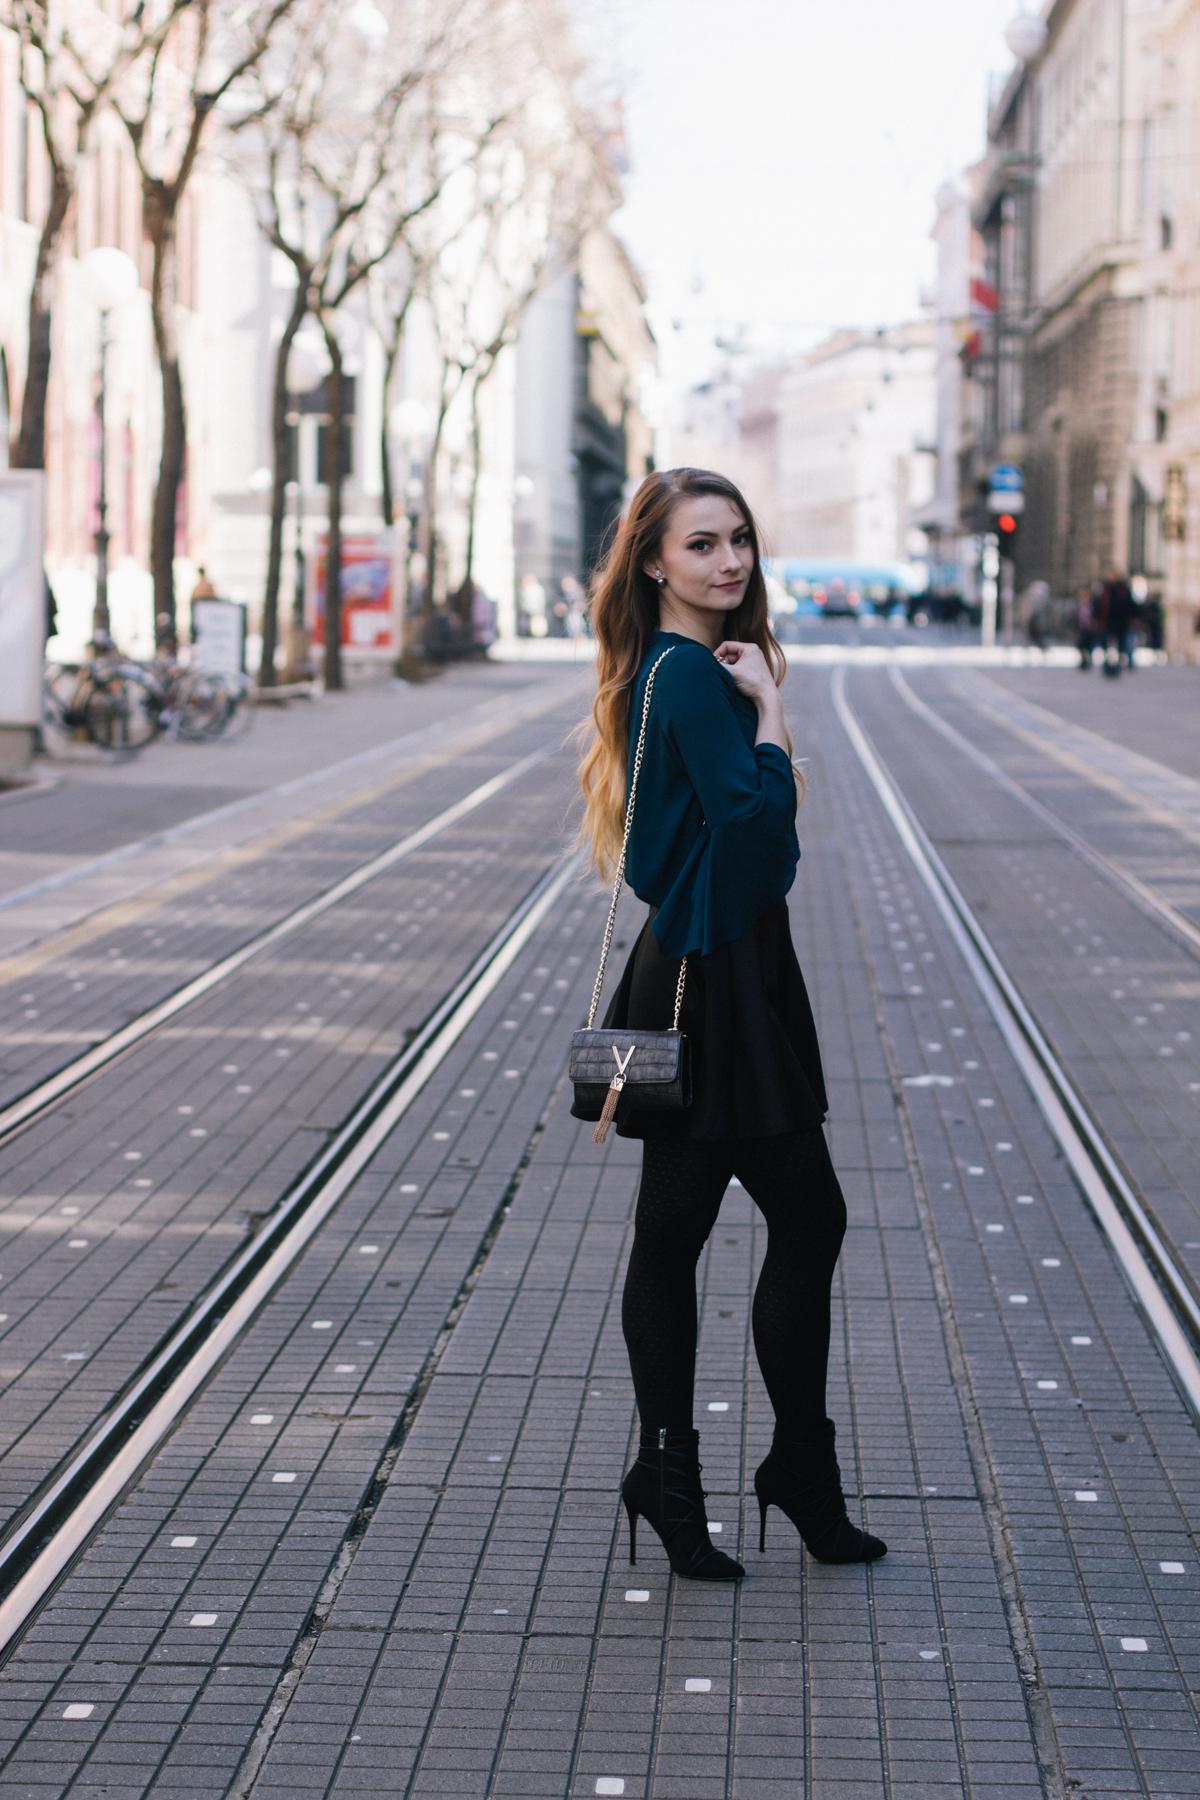 Cydonia_pose